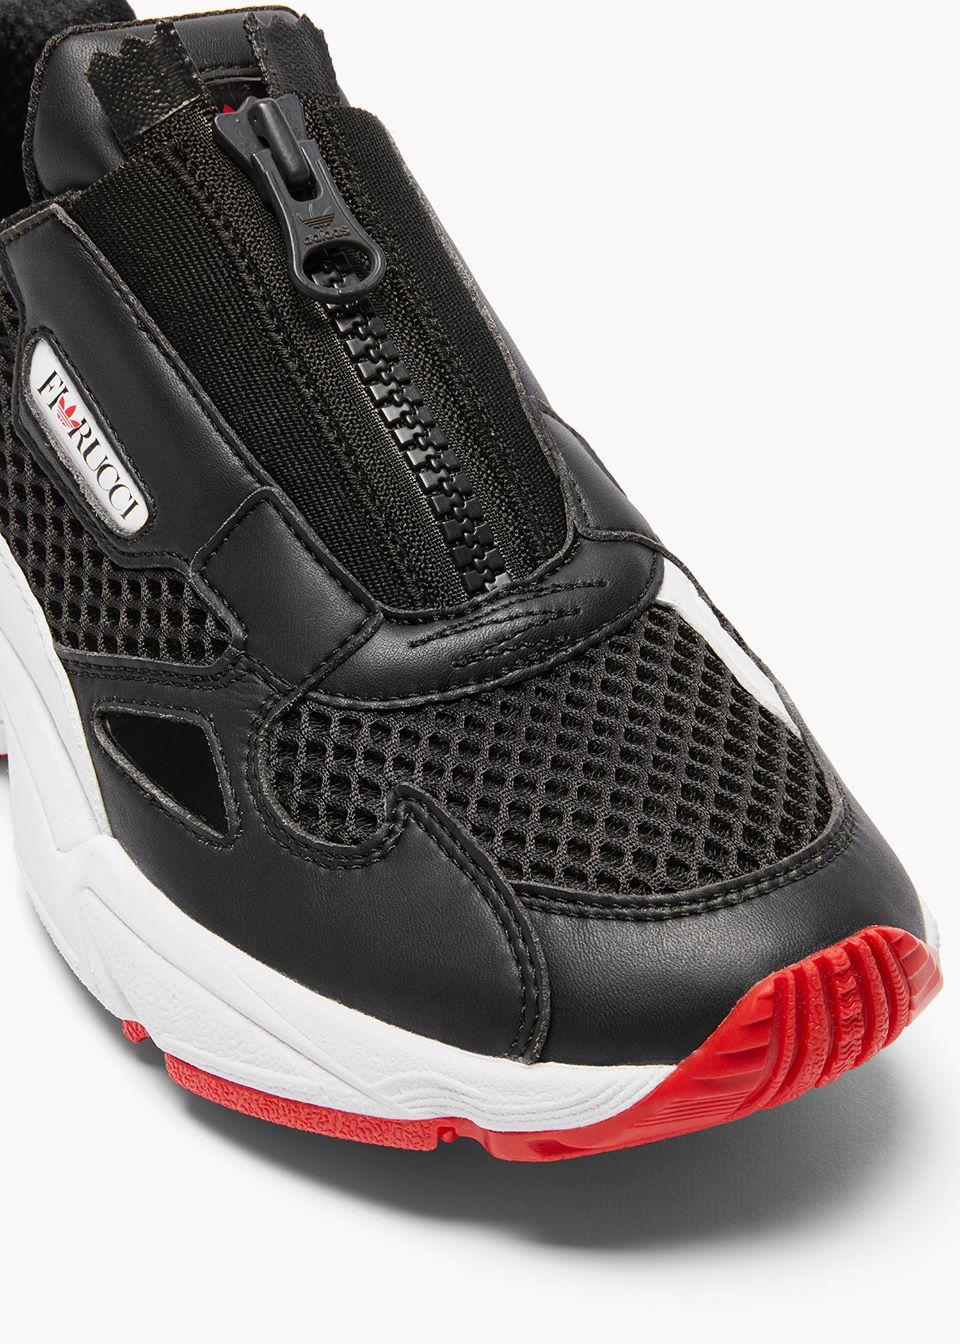 Adidas x Fiorucci Zip Falcon Trainers